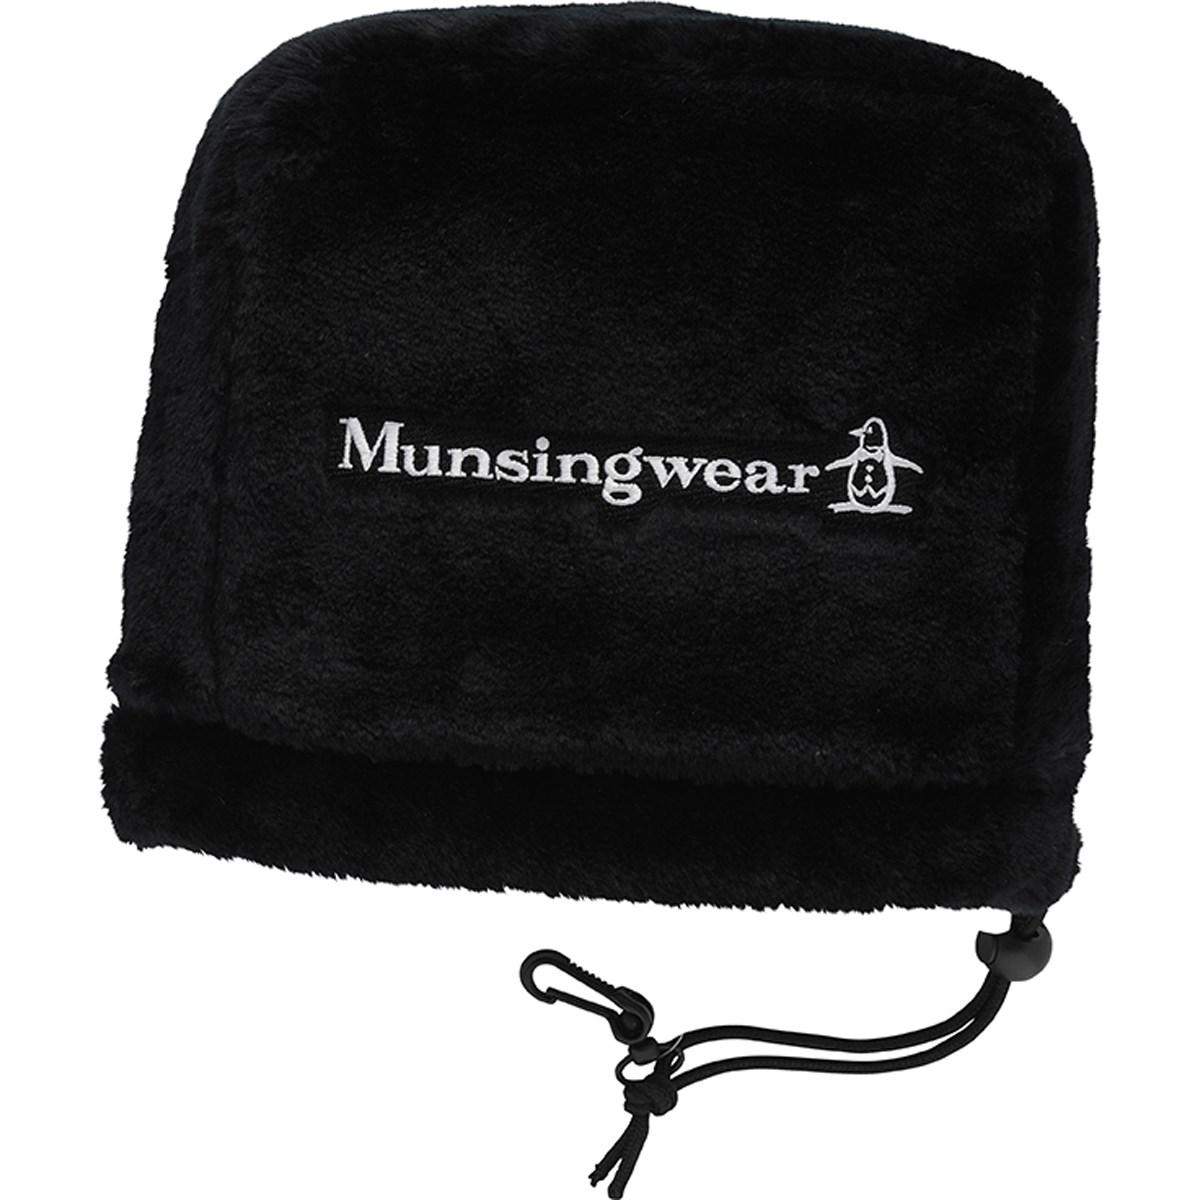 マンシングウェア Munsingwear アイアンカバー ブラック 00